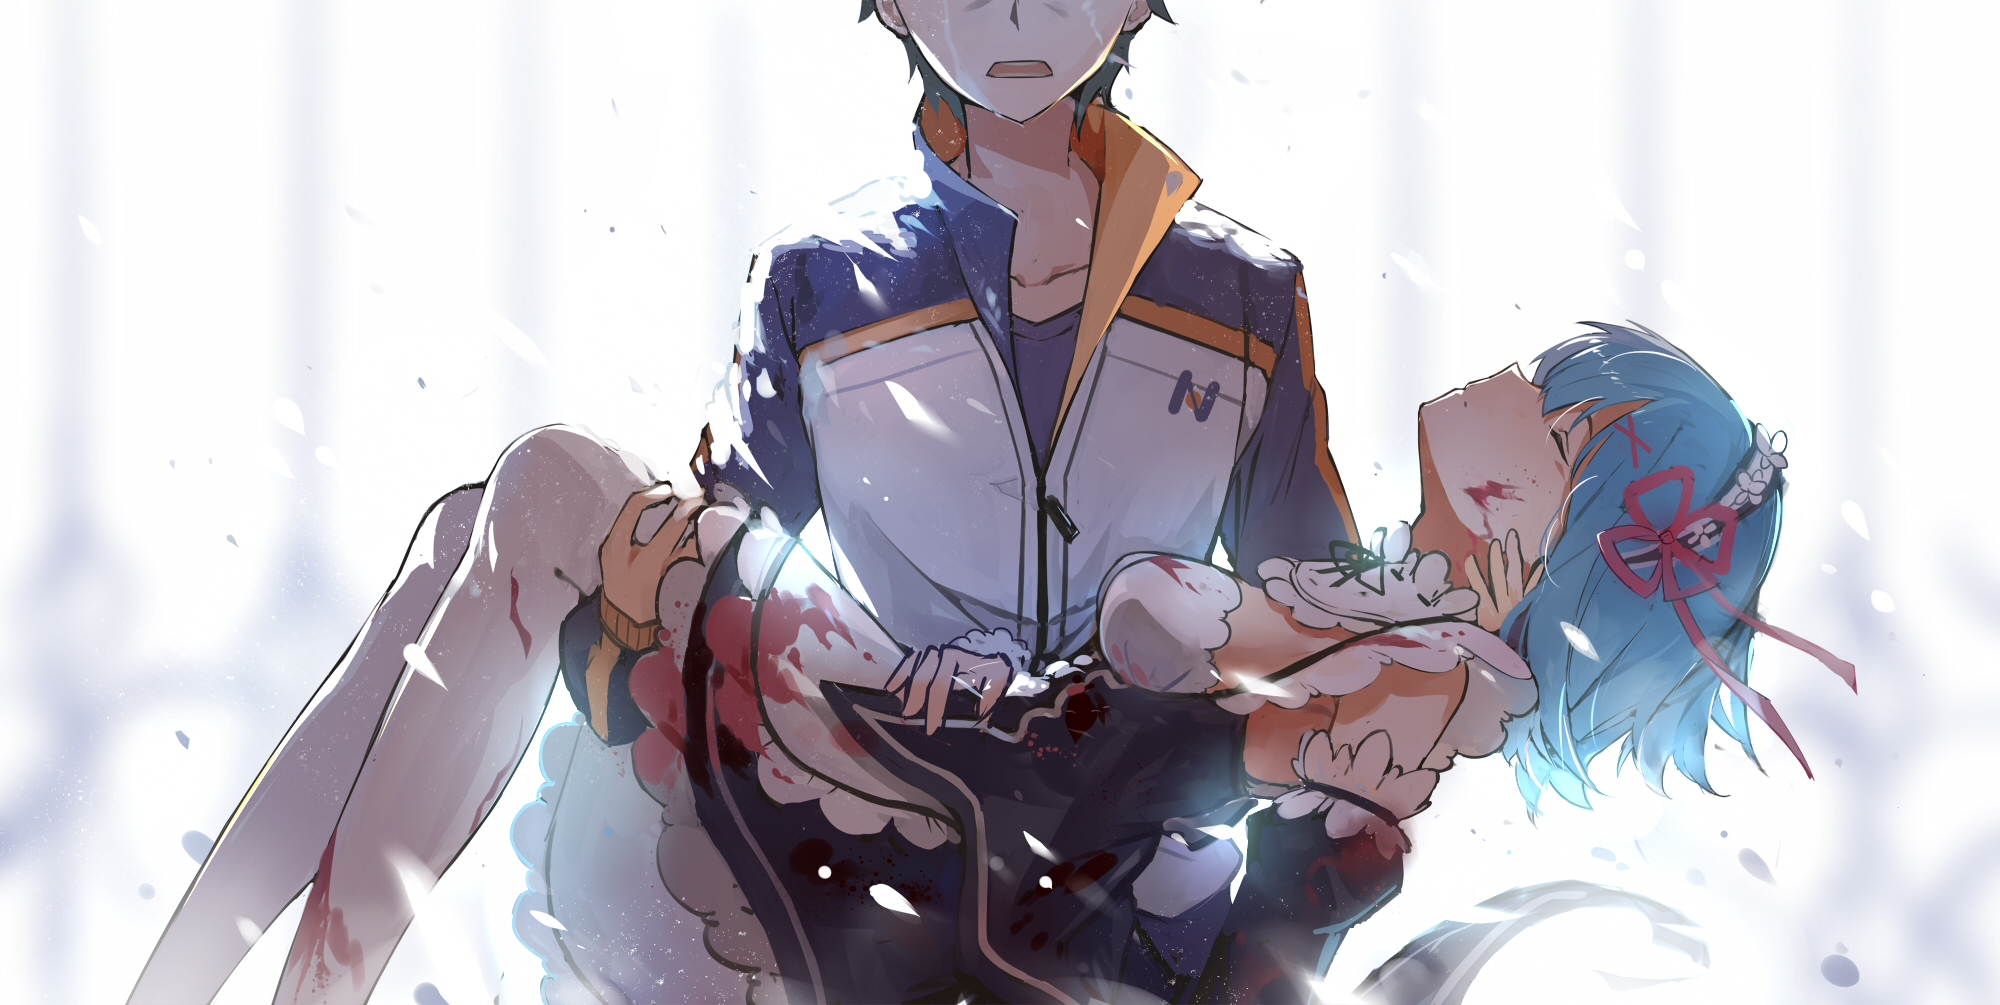 Download Rezero Kara Hajimeru Isekai Seikatsu Image